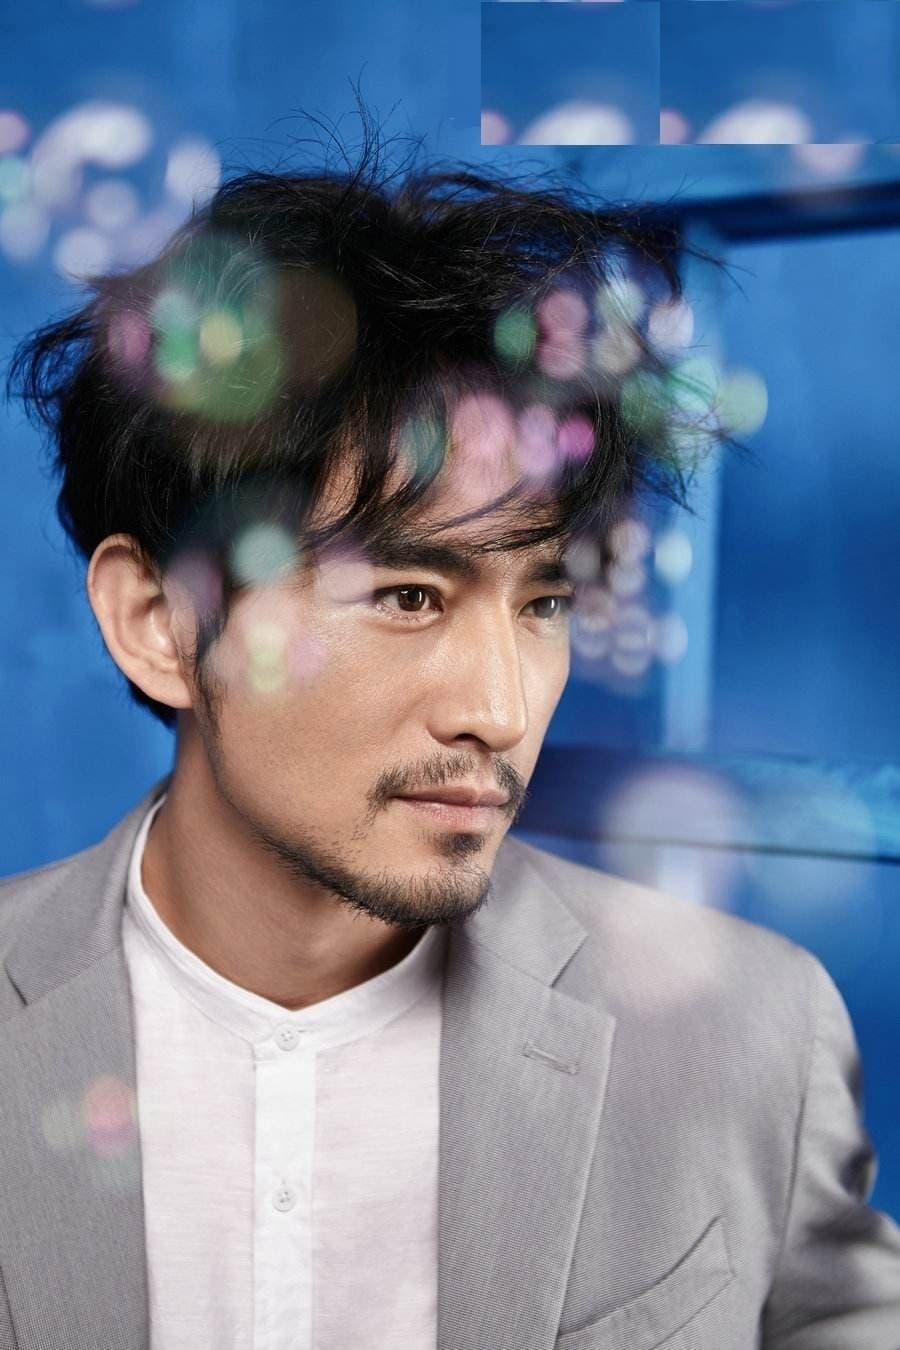 Zhang Xiaocheng